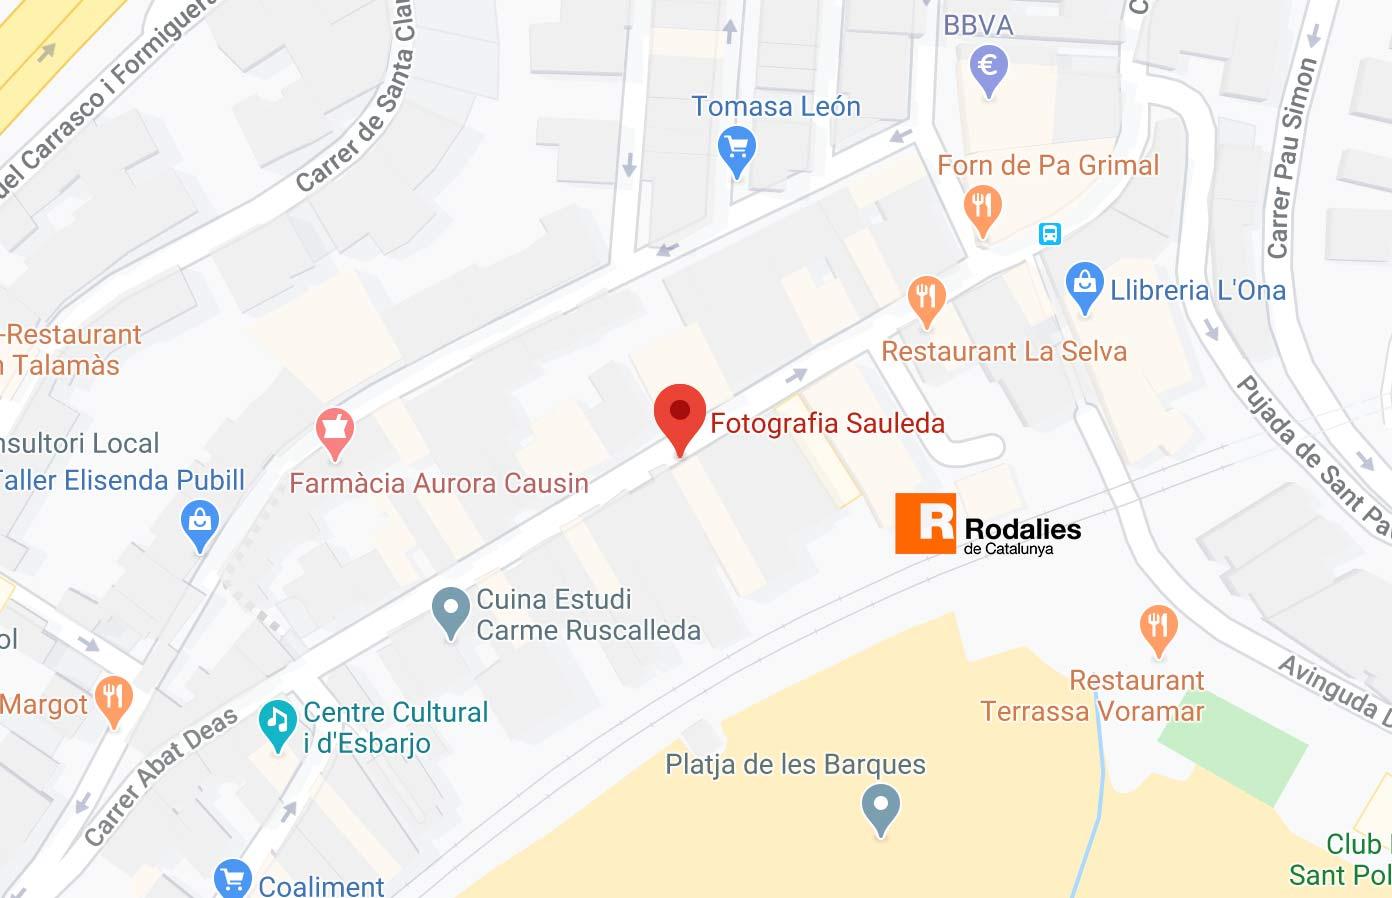 Foto Sauleda Mapa